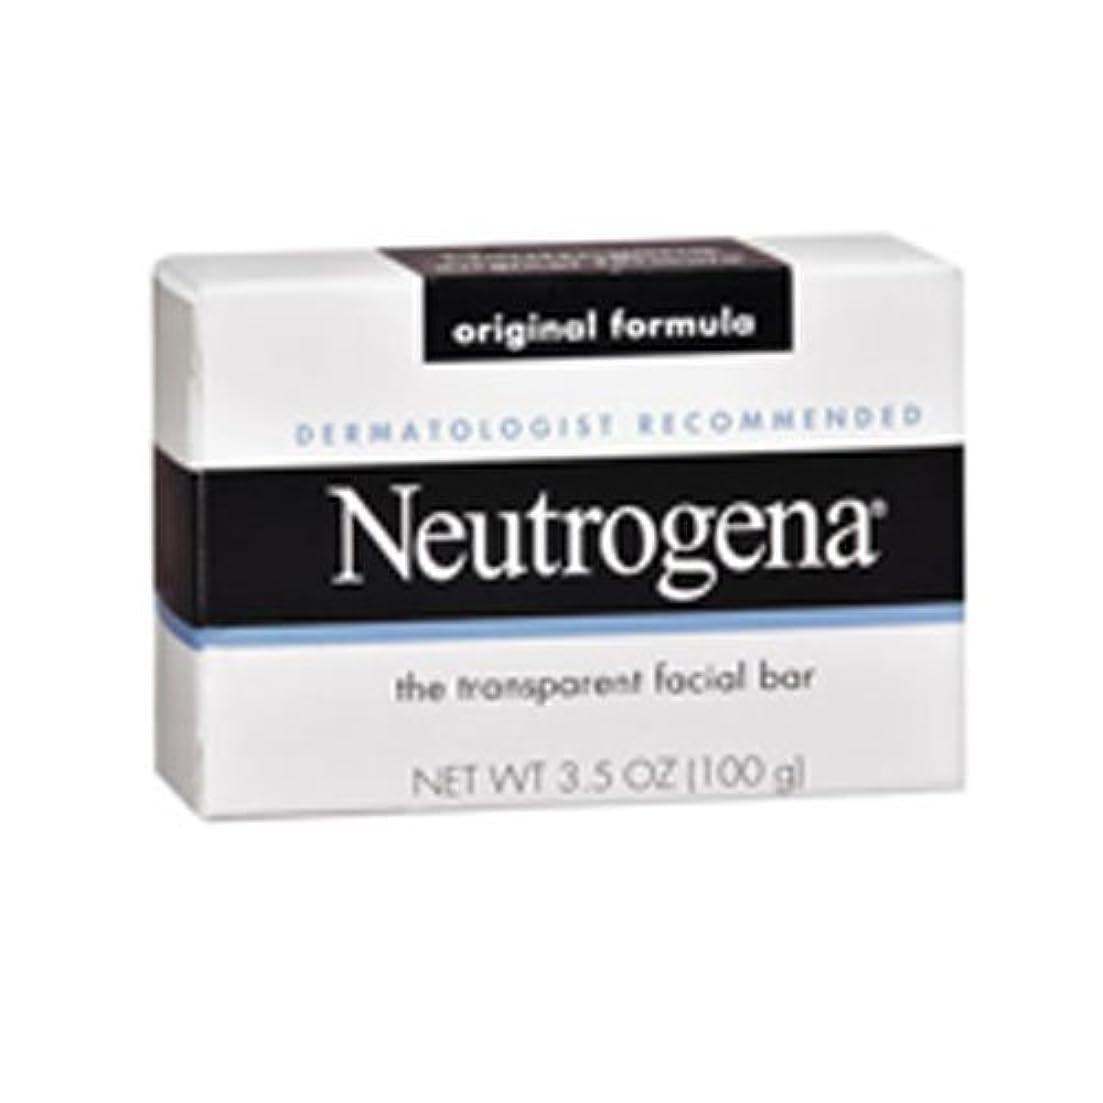 汚いバッチ超音速海外直送肘 Neutrogena Transparent Facial Soap Bar, 3.5 oz